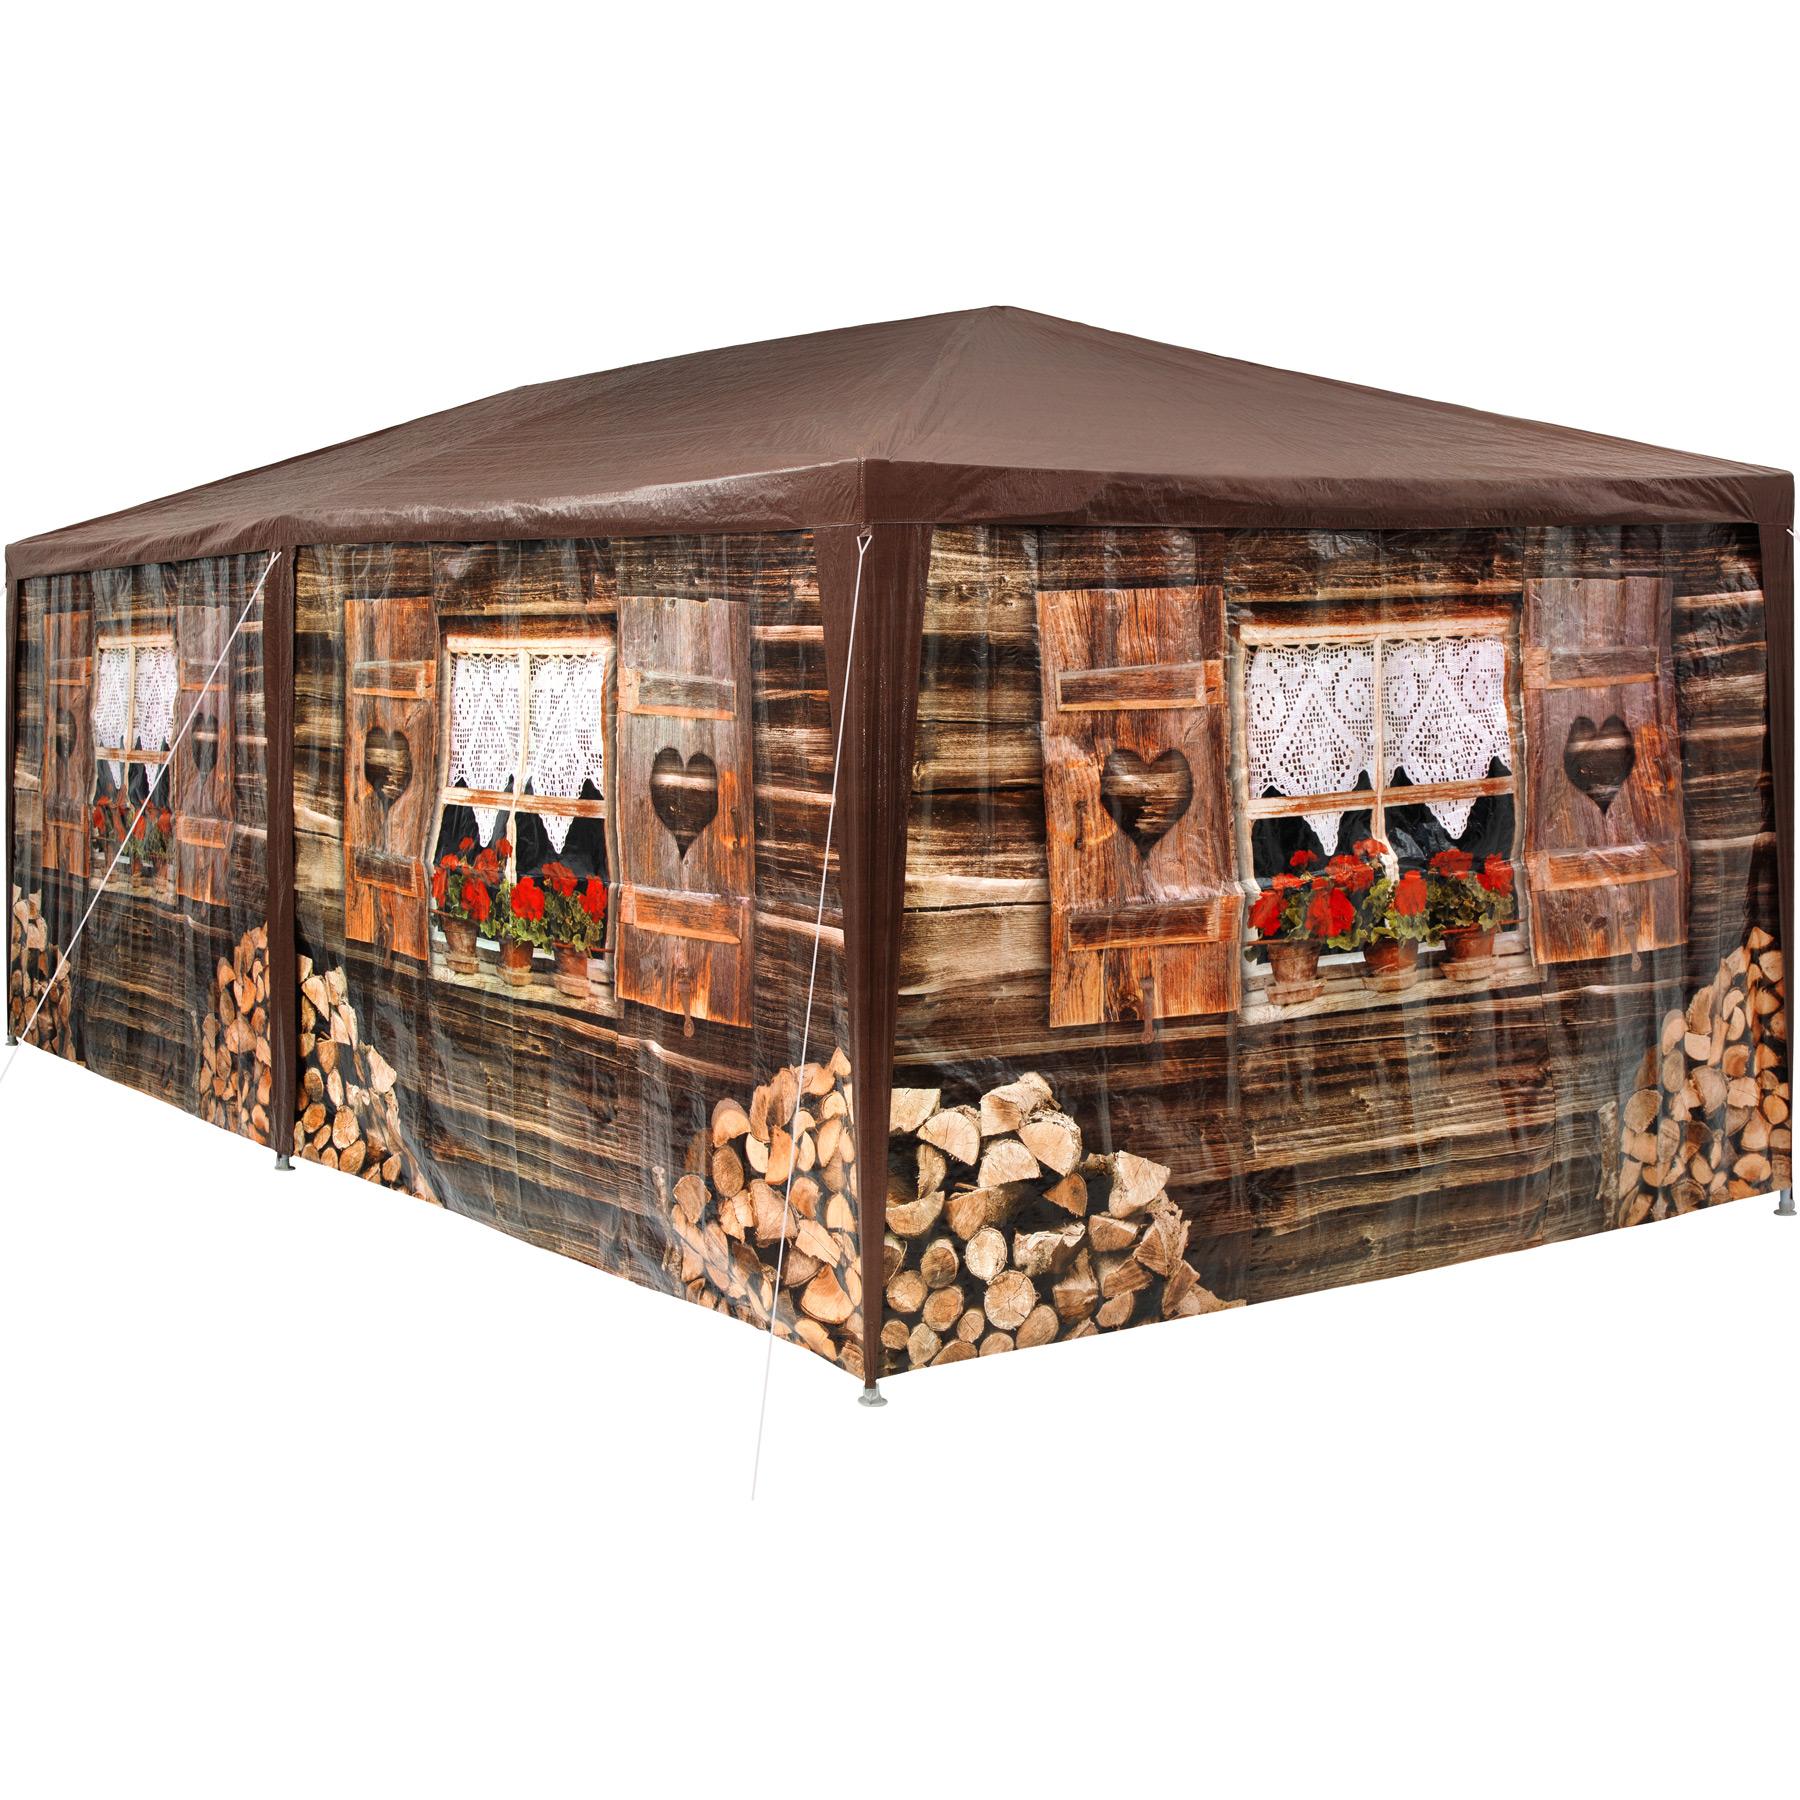 Garten Pavillon 6x3m Almhütte mit 6 Seitenteilen günstig online kaufen